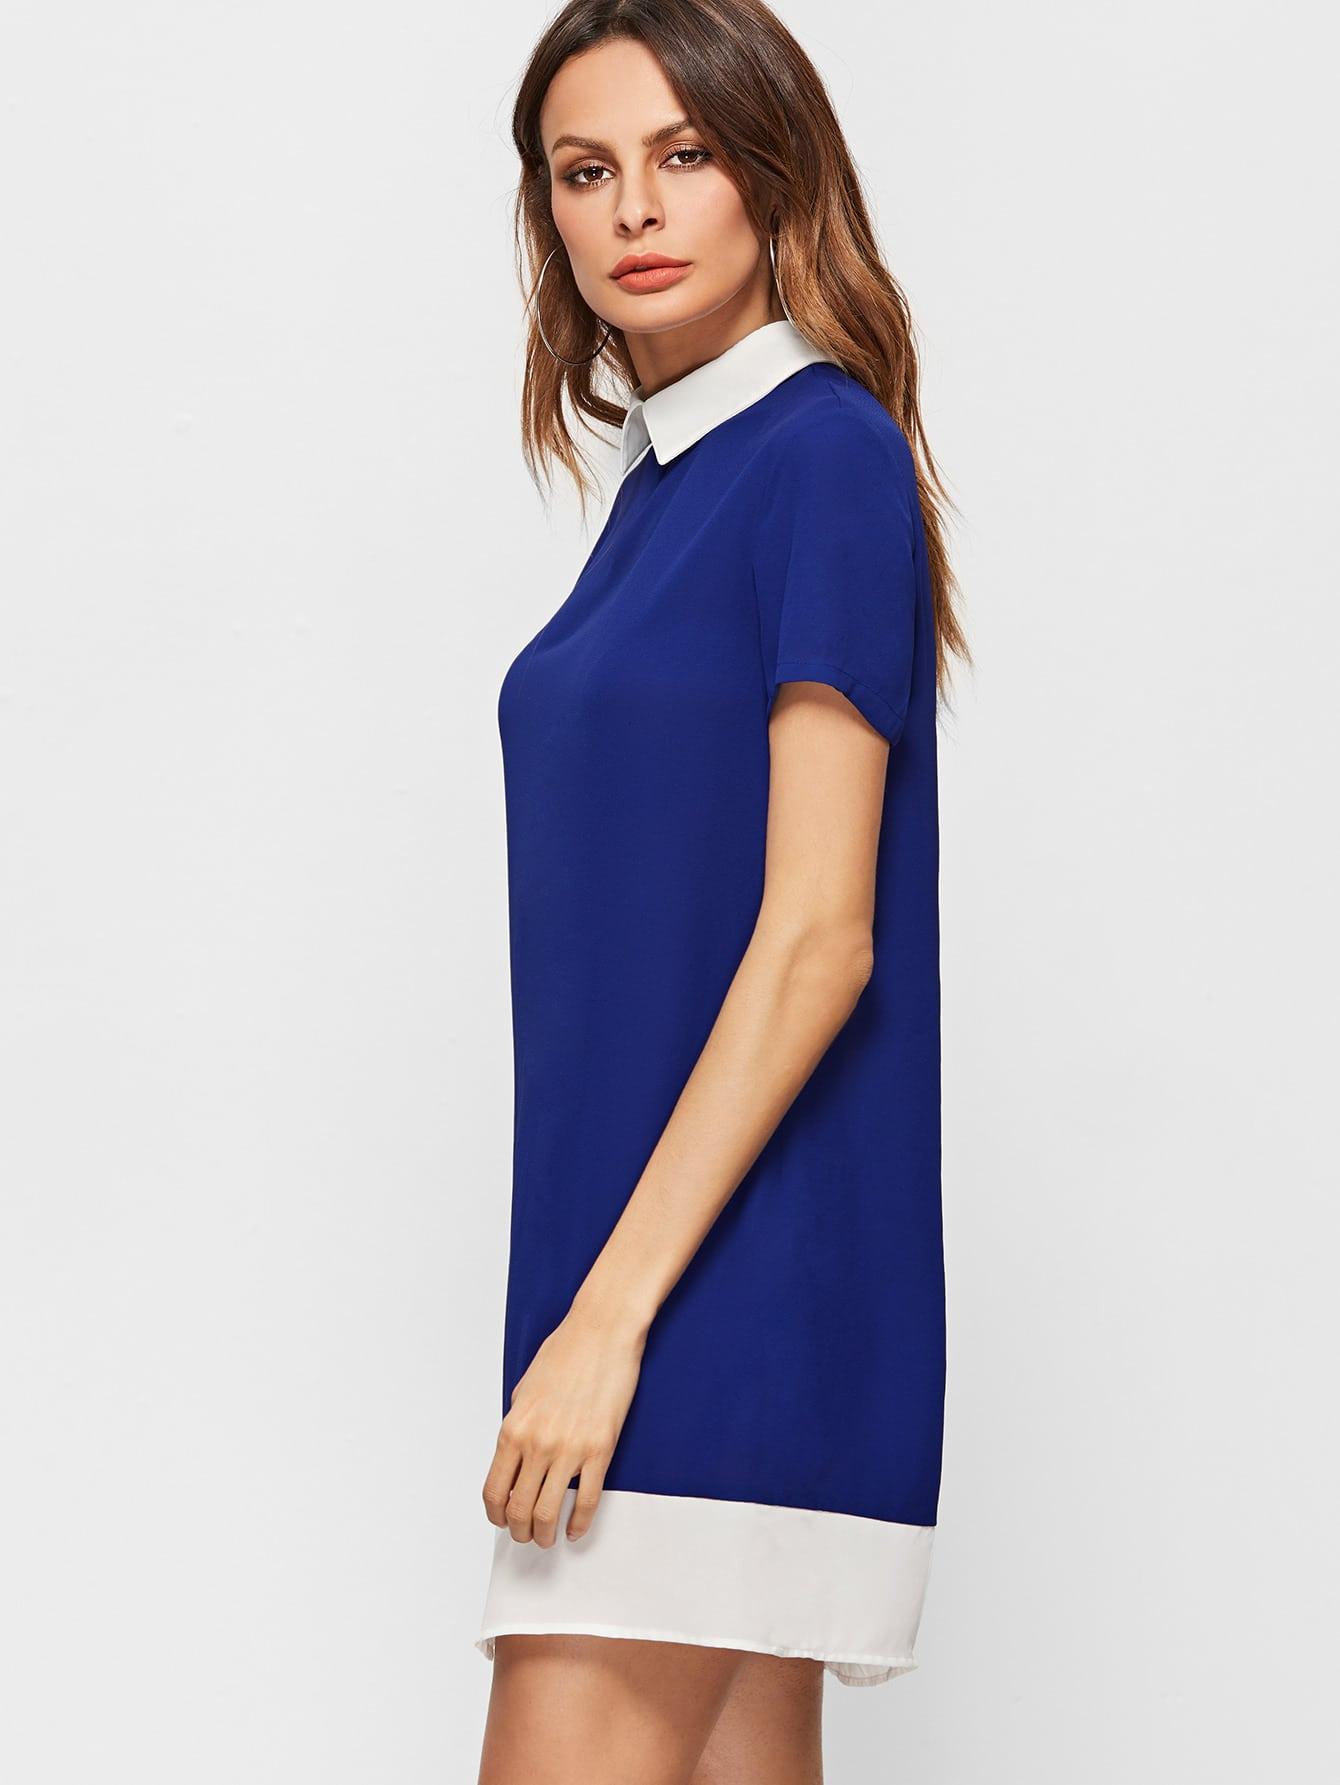 dress161206704_2